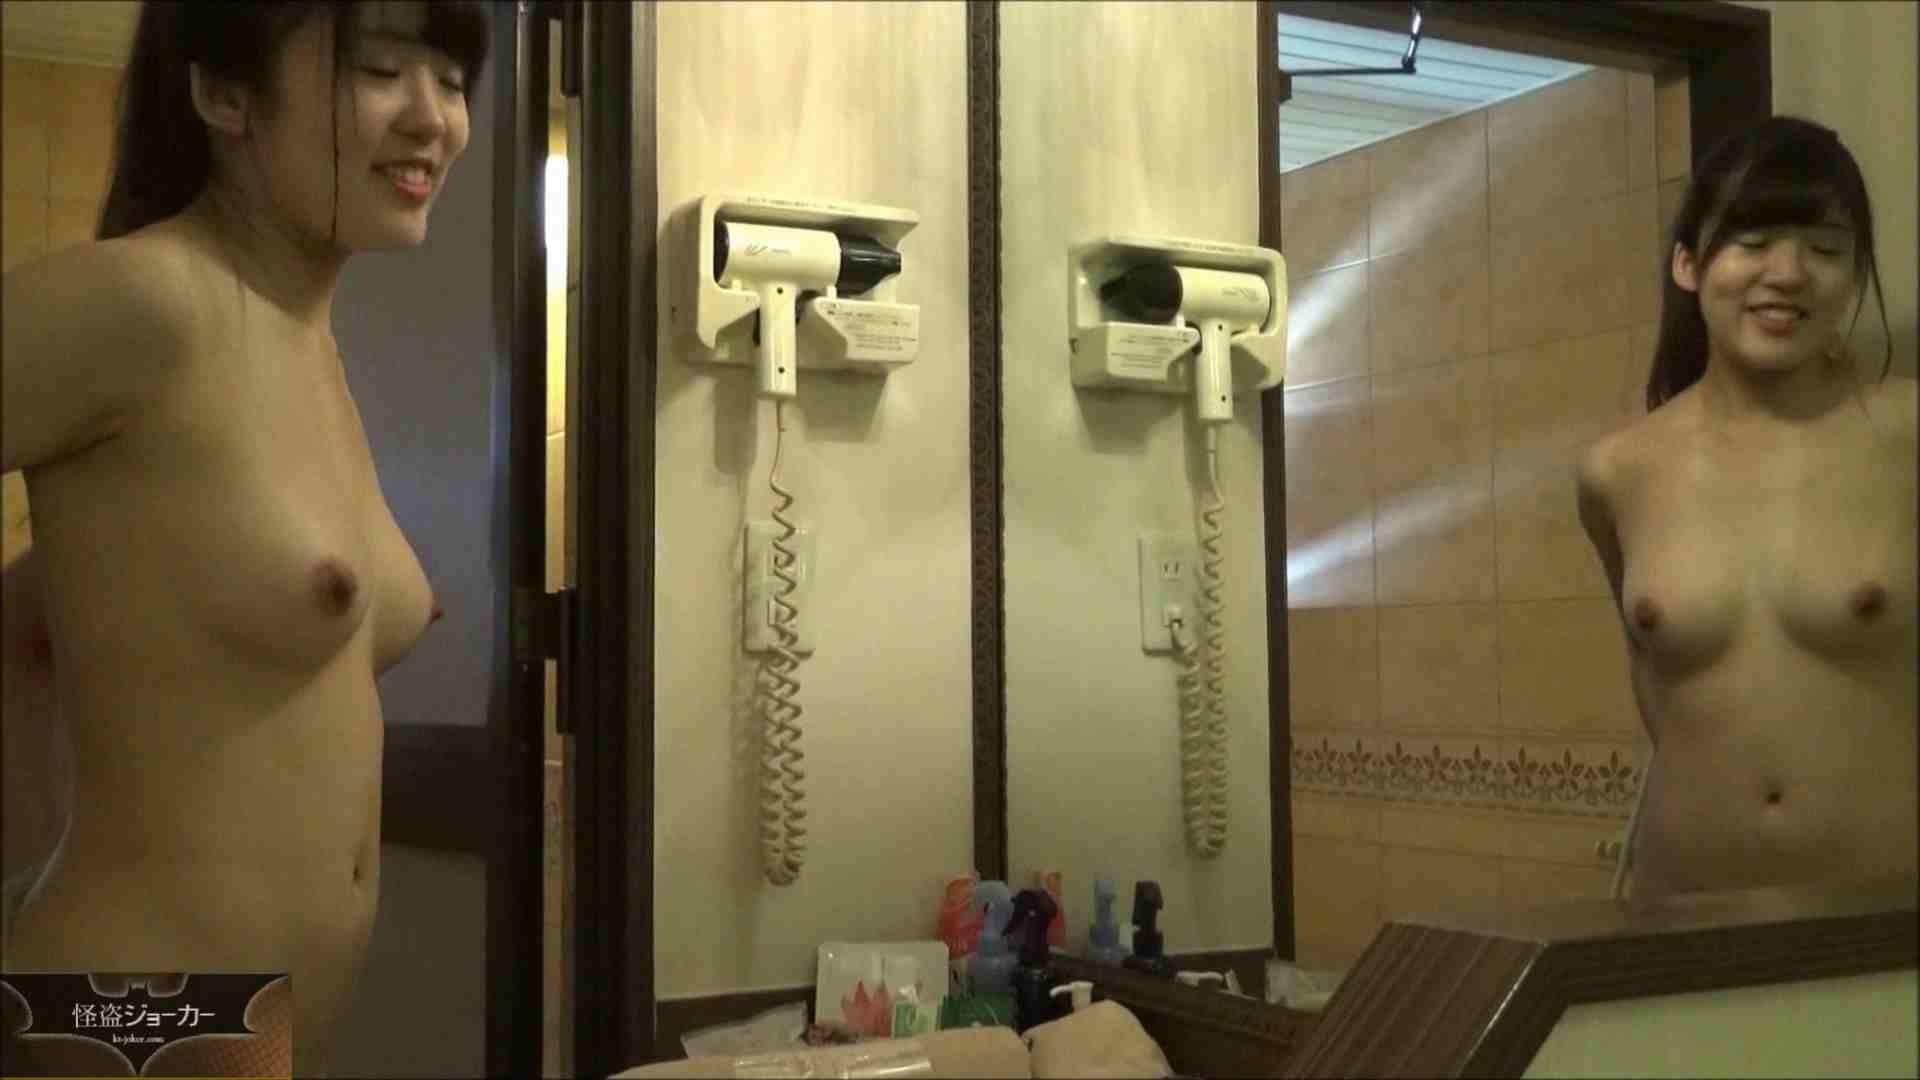 【未公開】vol.81 {関東某有名お嬢様JD}yuunaちゃん④ シャワー 濡れ場動画紹介 72連発 45